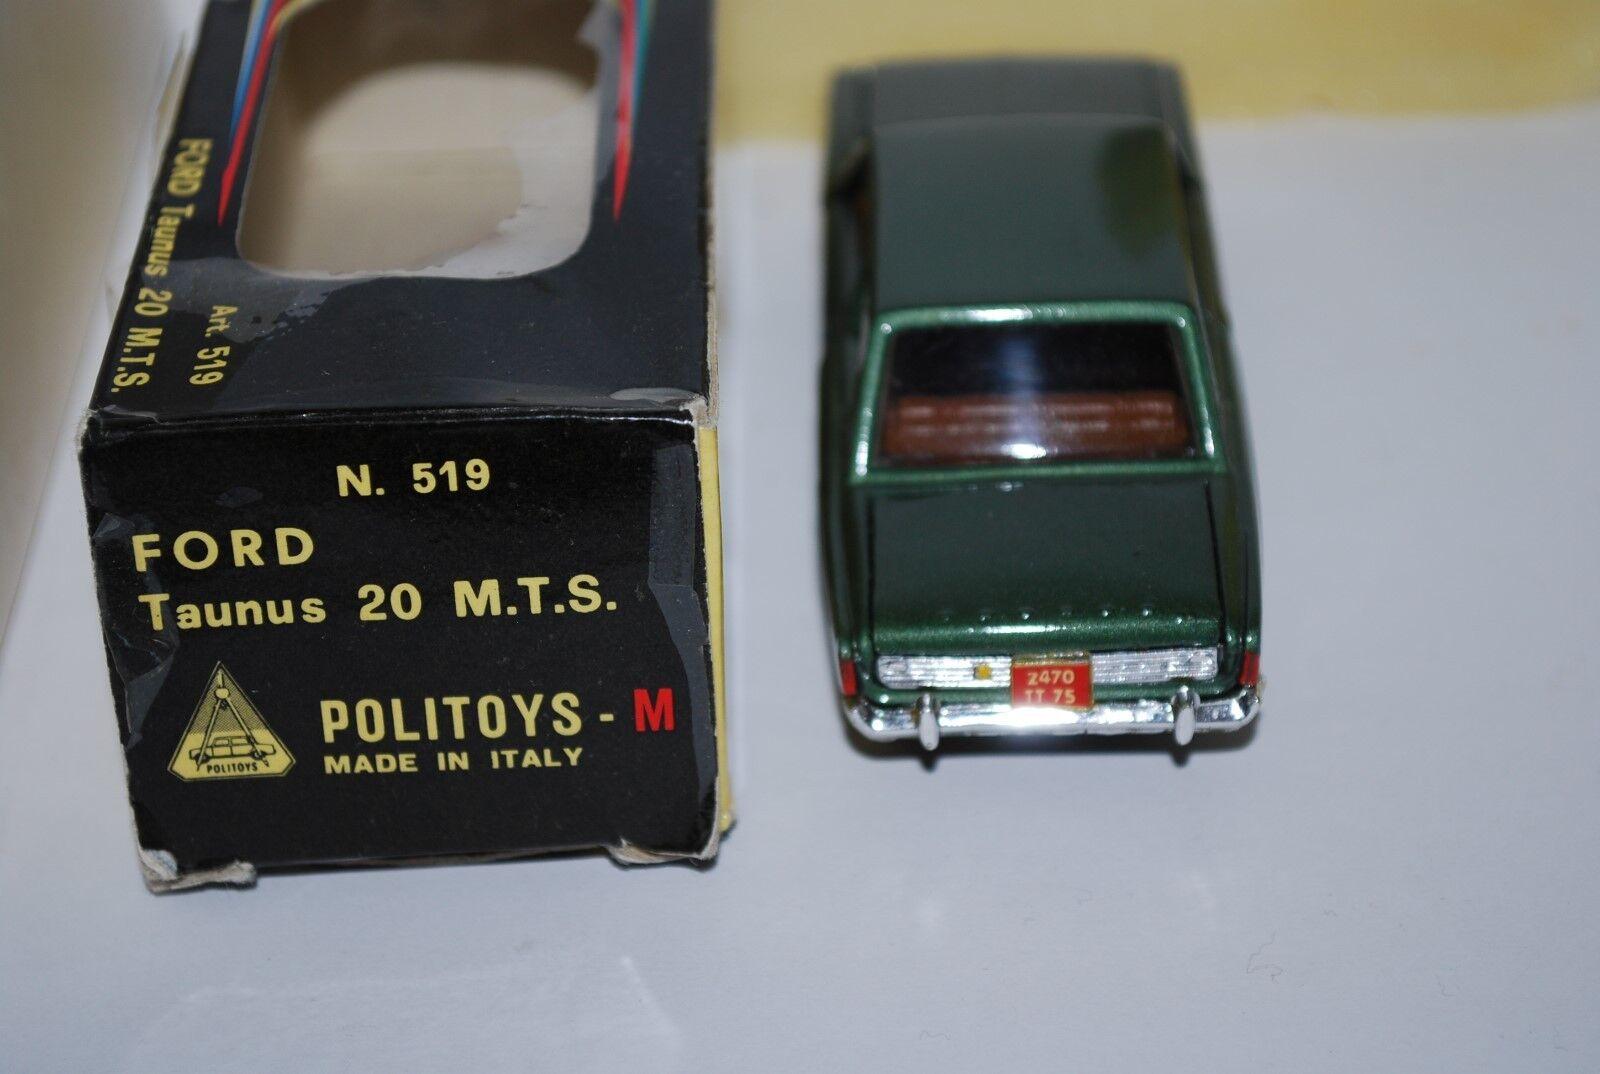 POLITOYS -M FORD TAUNUS 20 M.T.S. REF 519 NEUVE EN EN EN BOITE SCALE 1/43 | Matière Choisie  | Technologies De Pointe  | Outlet Store Online  05832b